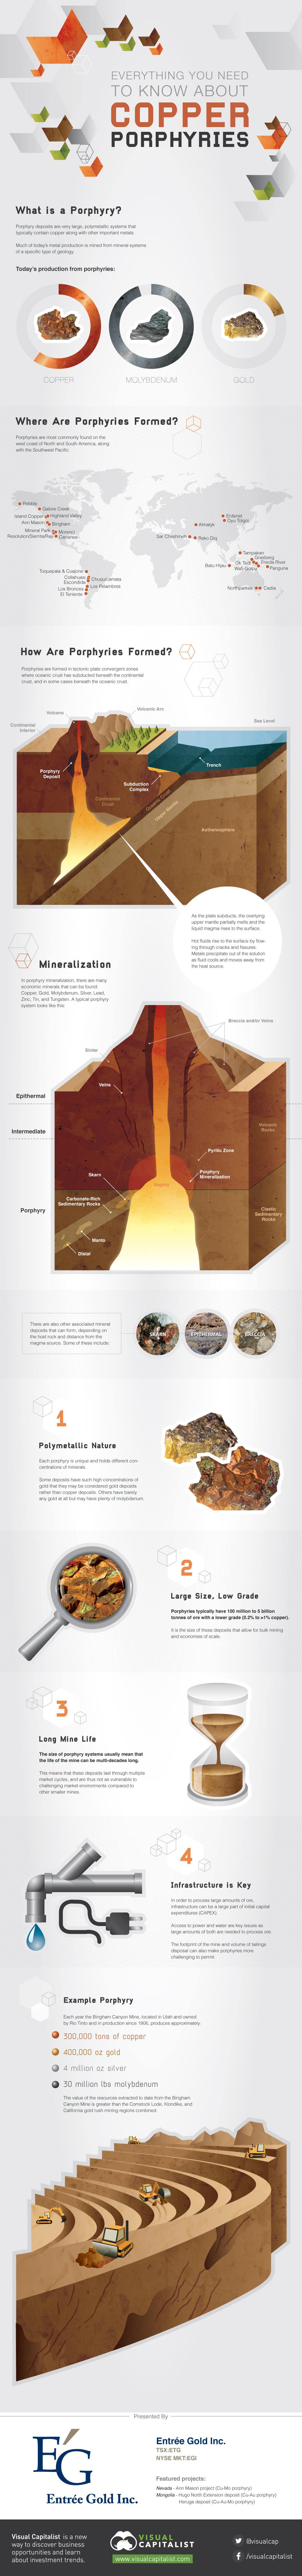 porphyry copper